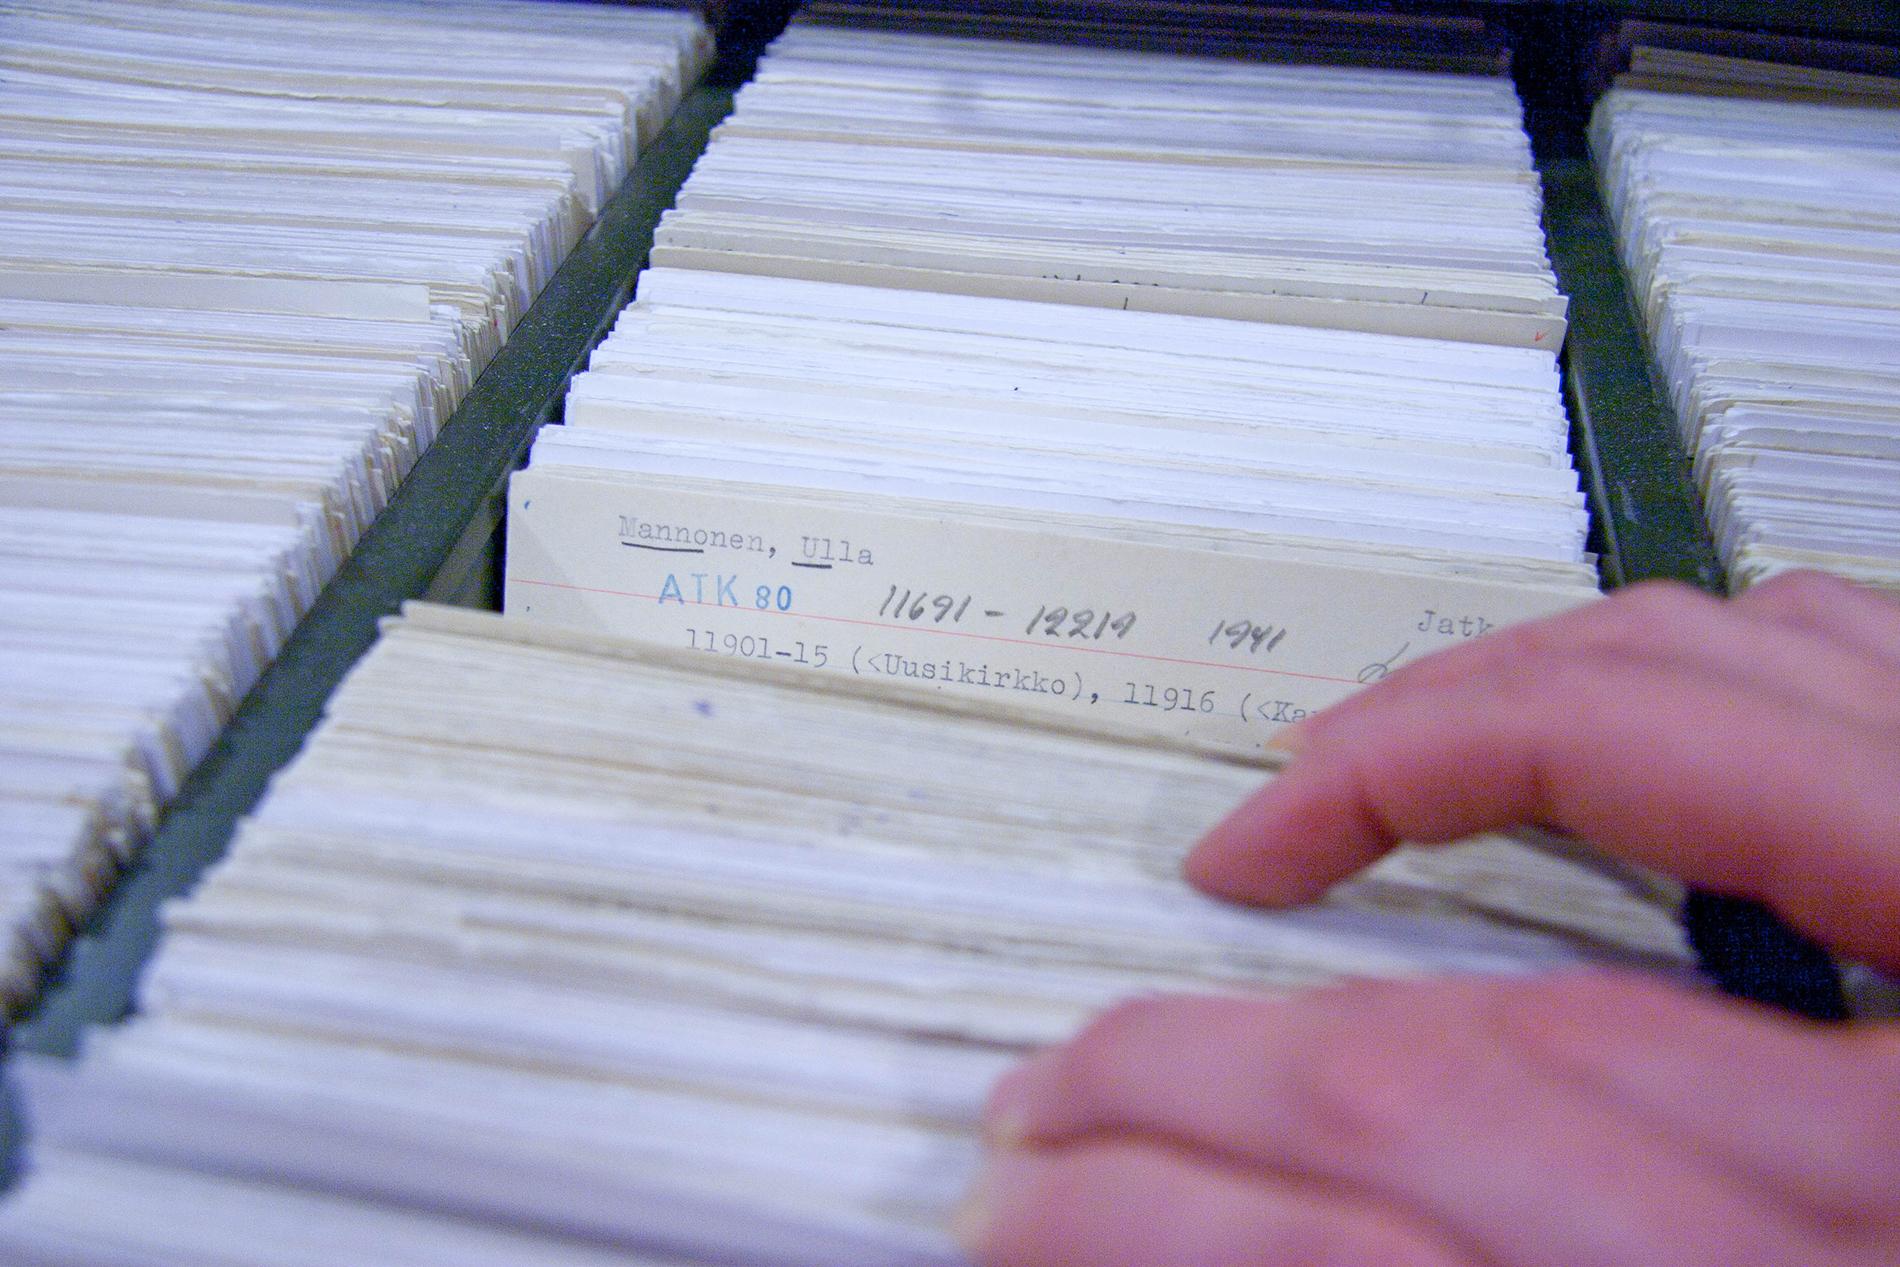 Perinteen ja nykykulttuurin kokoelmien kerääjäkortistosta löytyvät tiedot arkistoon 1987 mennessä saapuneista tekstiaineistoista. SKS KIA. Kuvaaja: Milla Eräsaari.